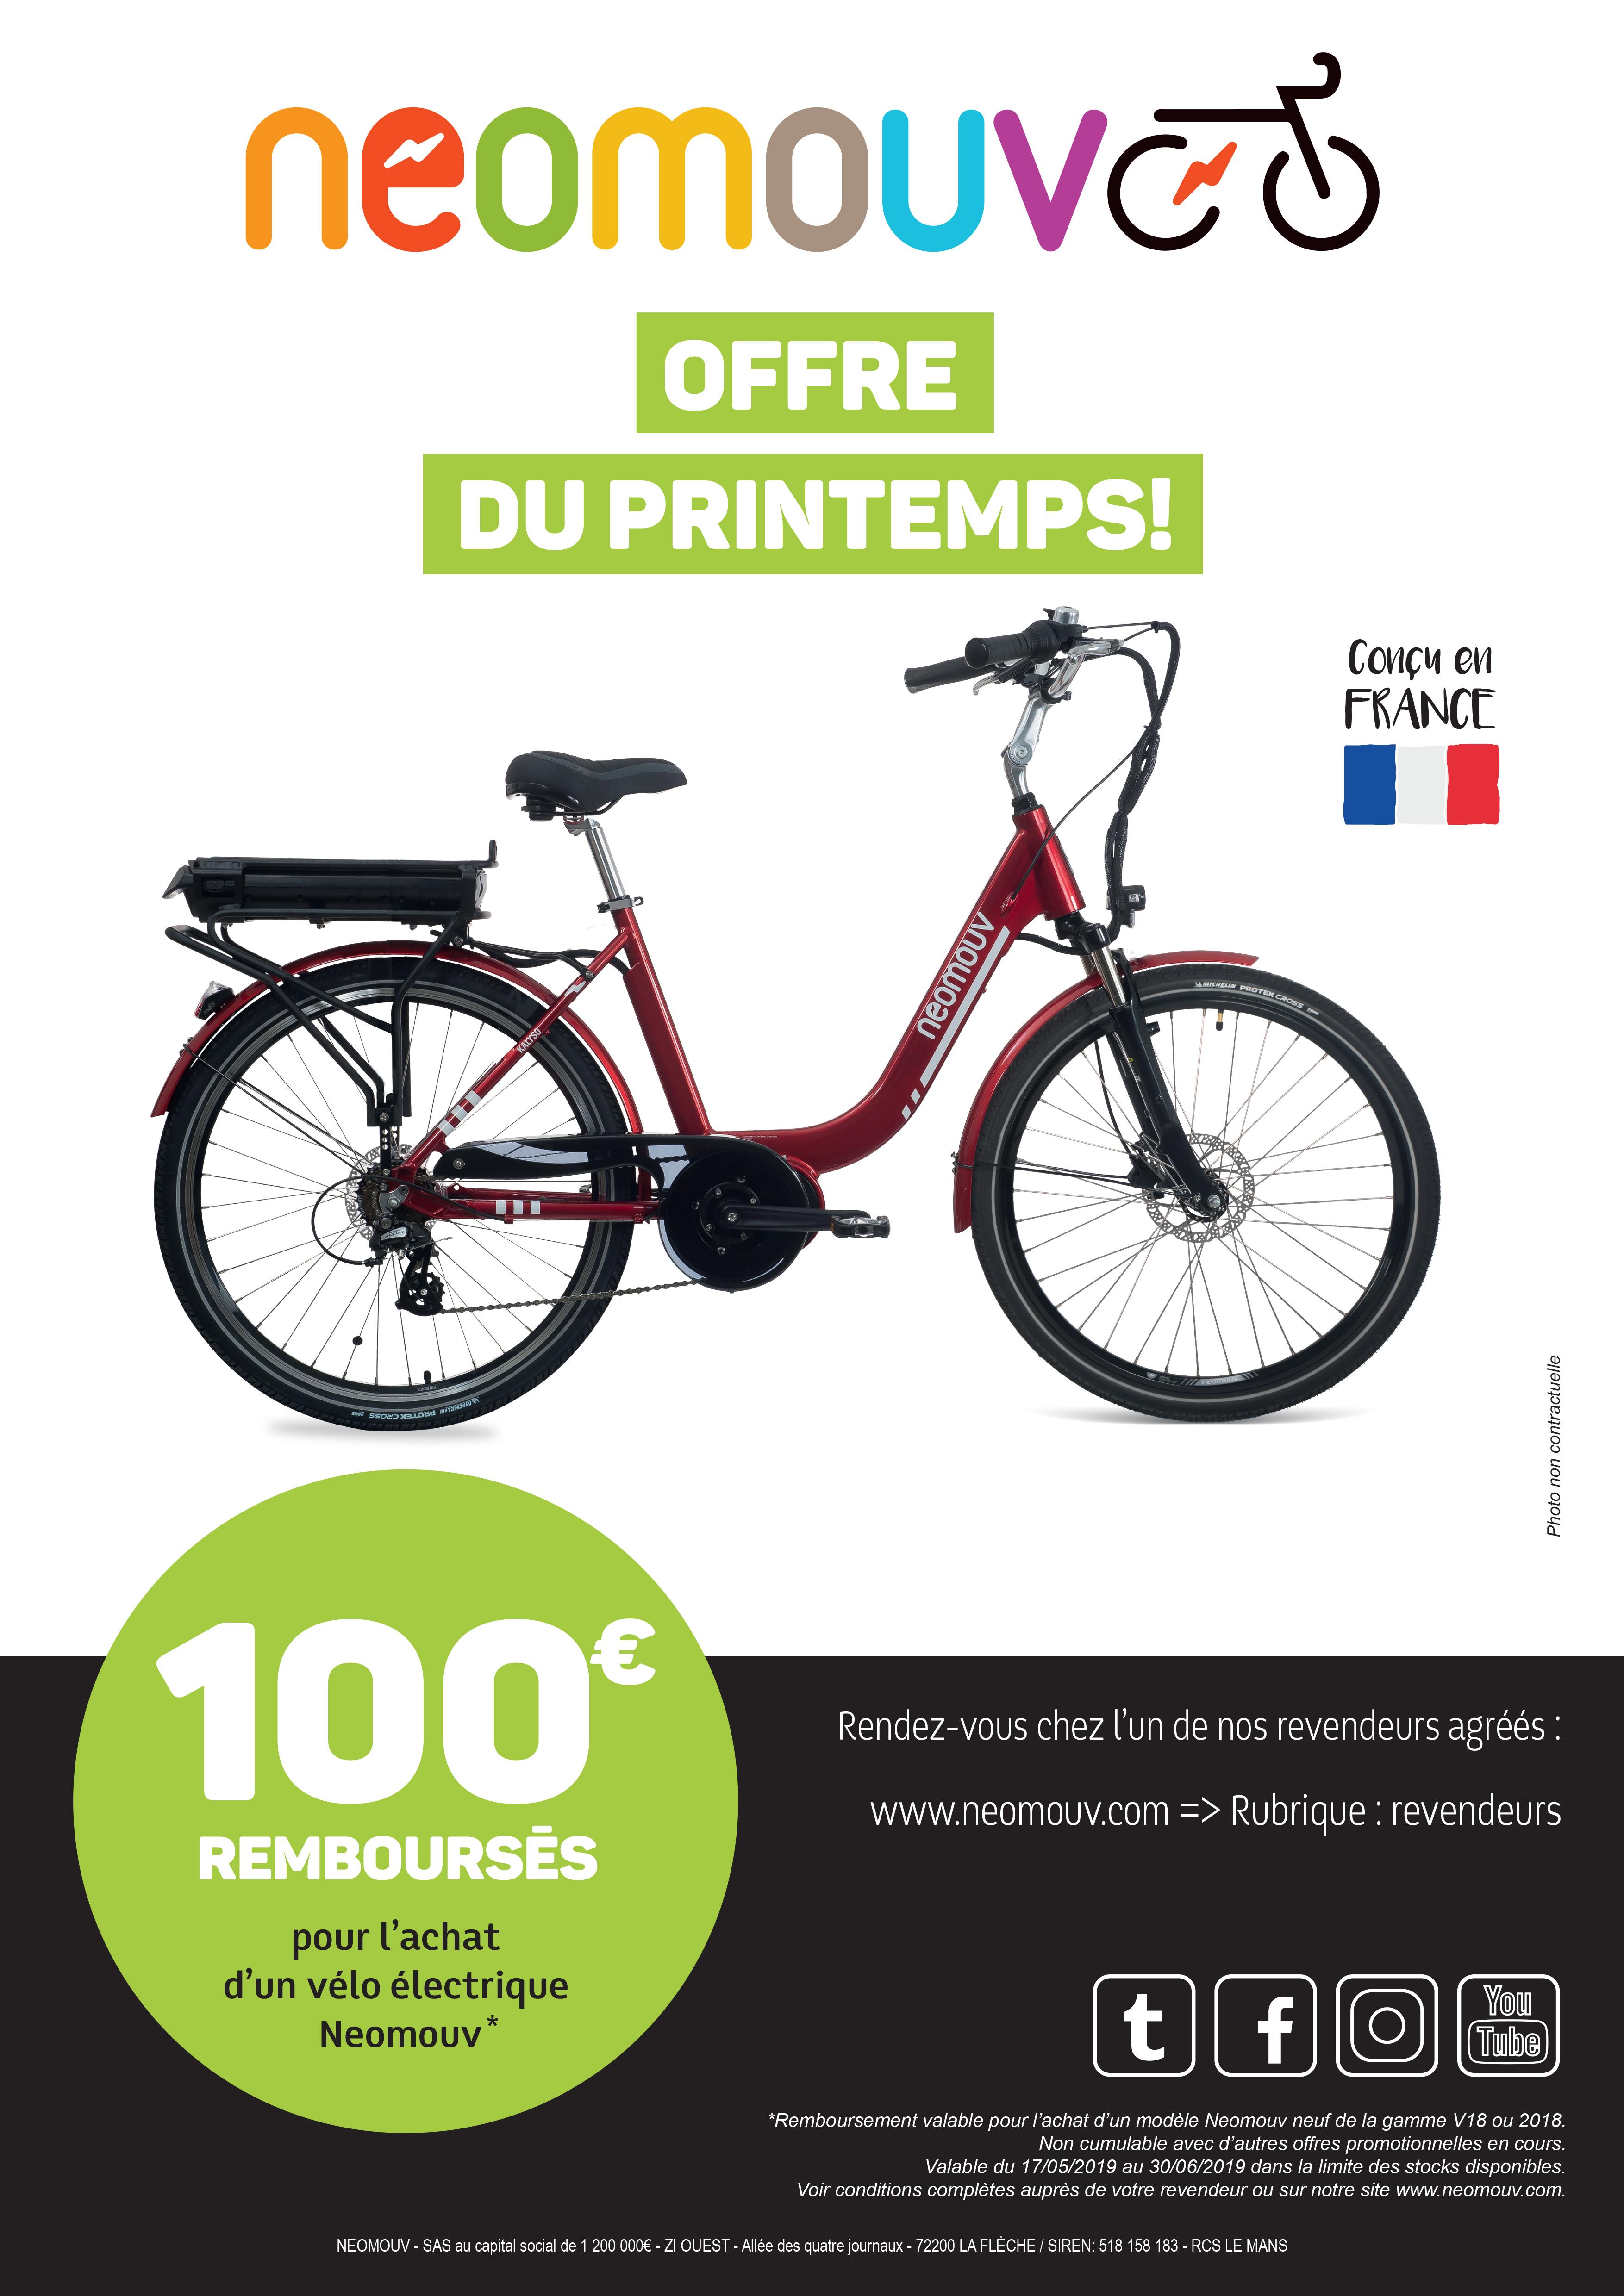 100€ REMBOURSÉS POUR L'ACHAT D'UN VÉLO ÉLECTRIQUE NEOMOUV